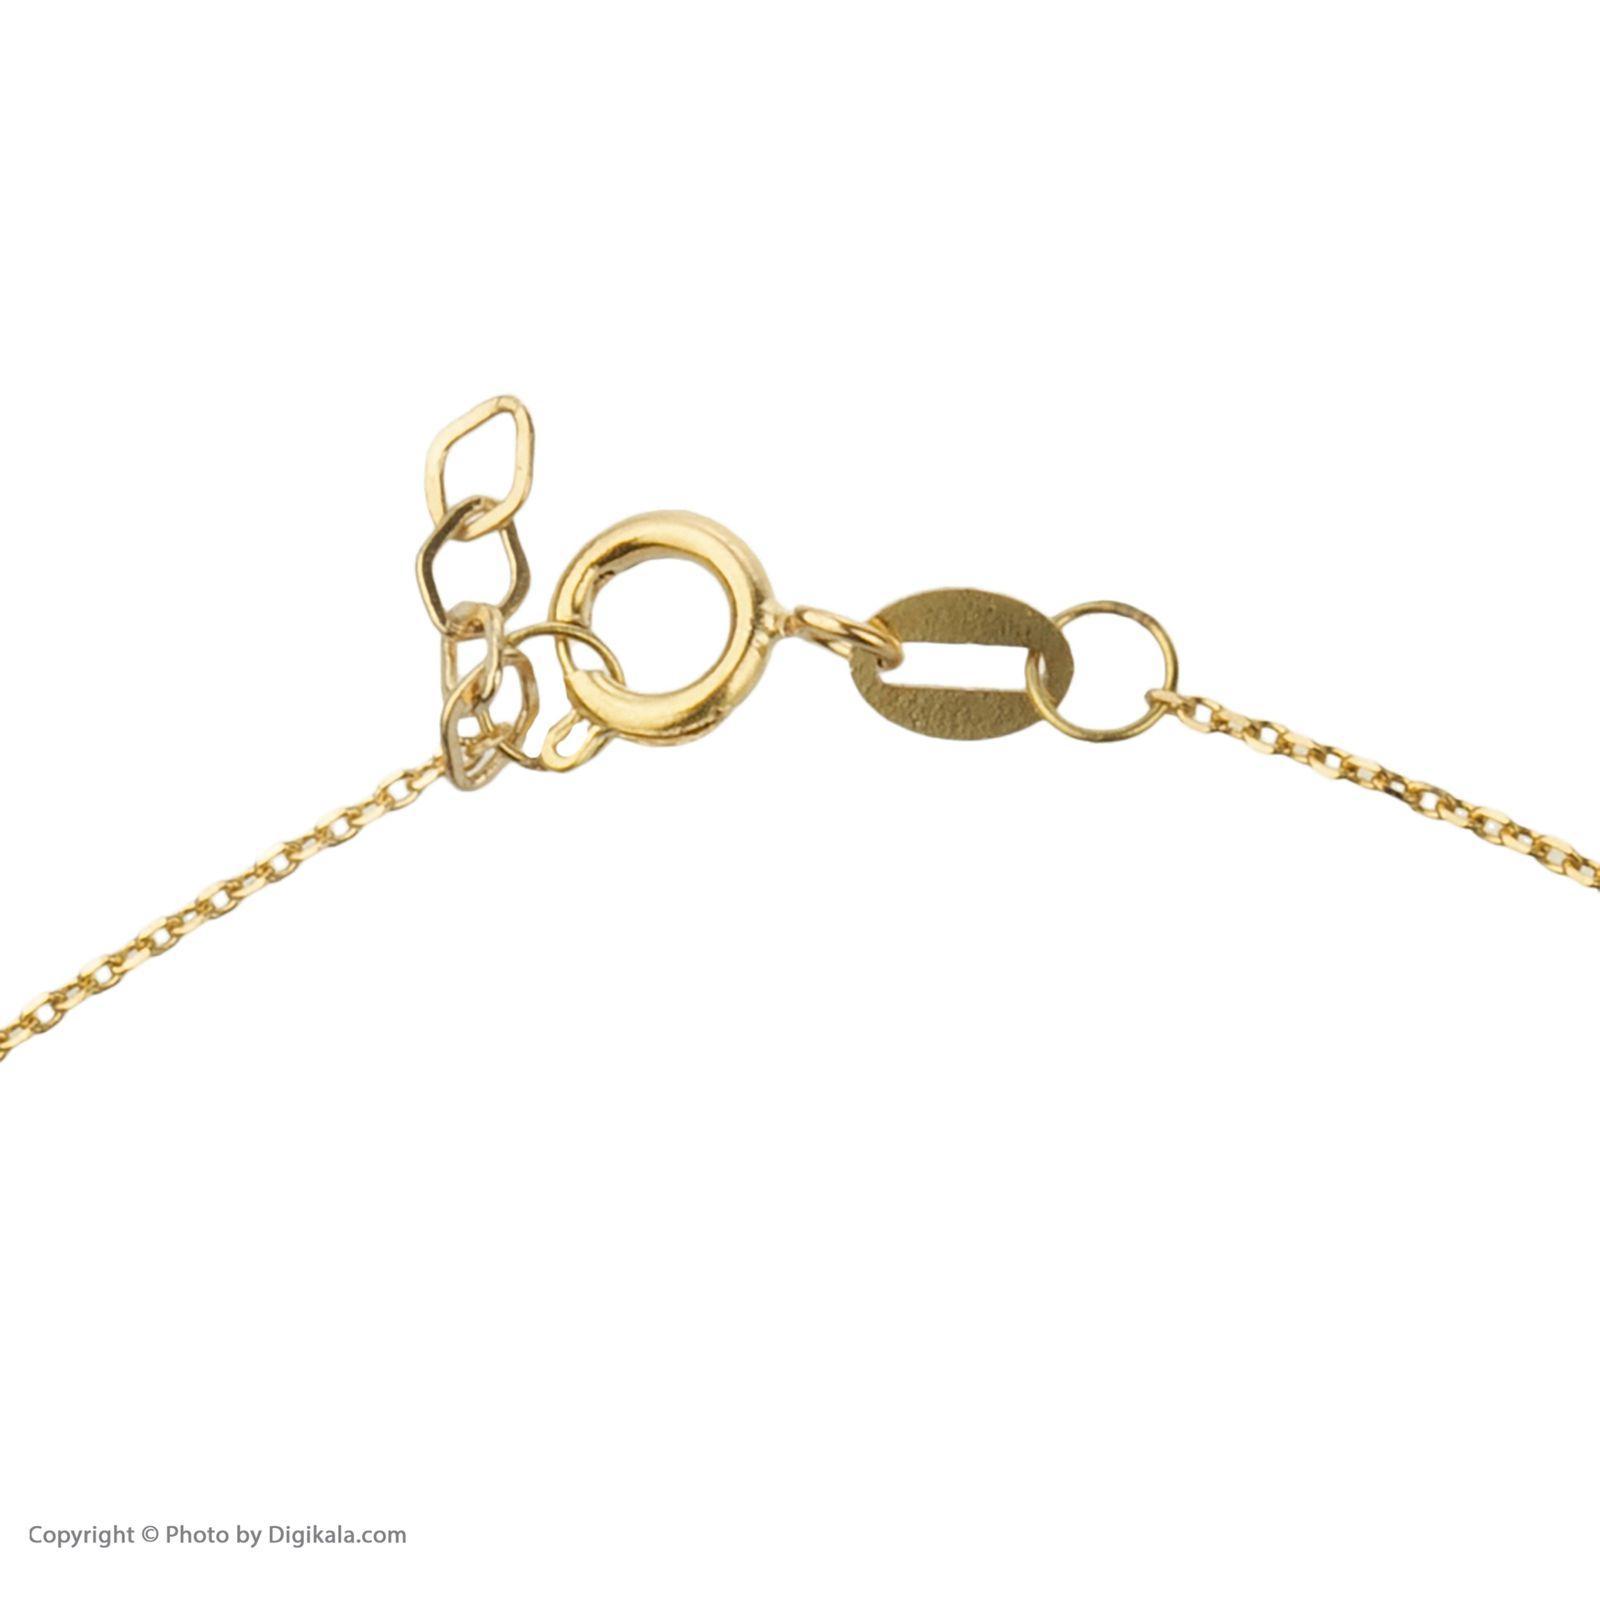 دستبند طلا 18 عیار زنانه میو گلد مدل GD626 -  - 5